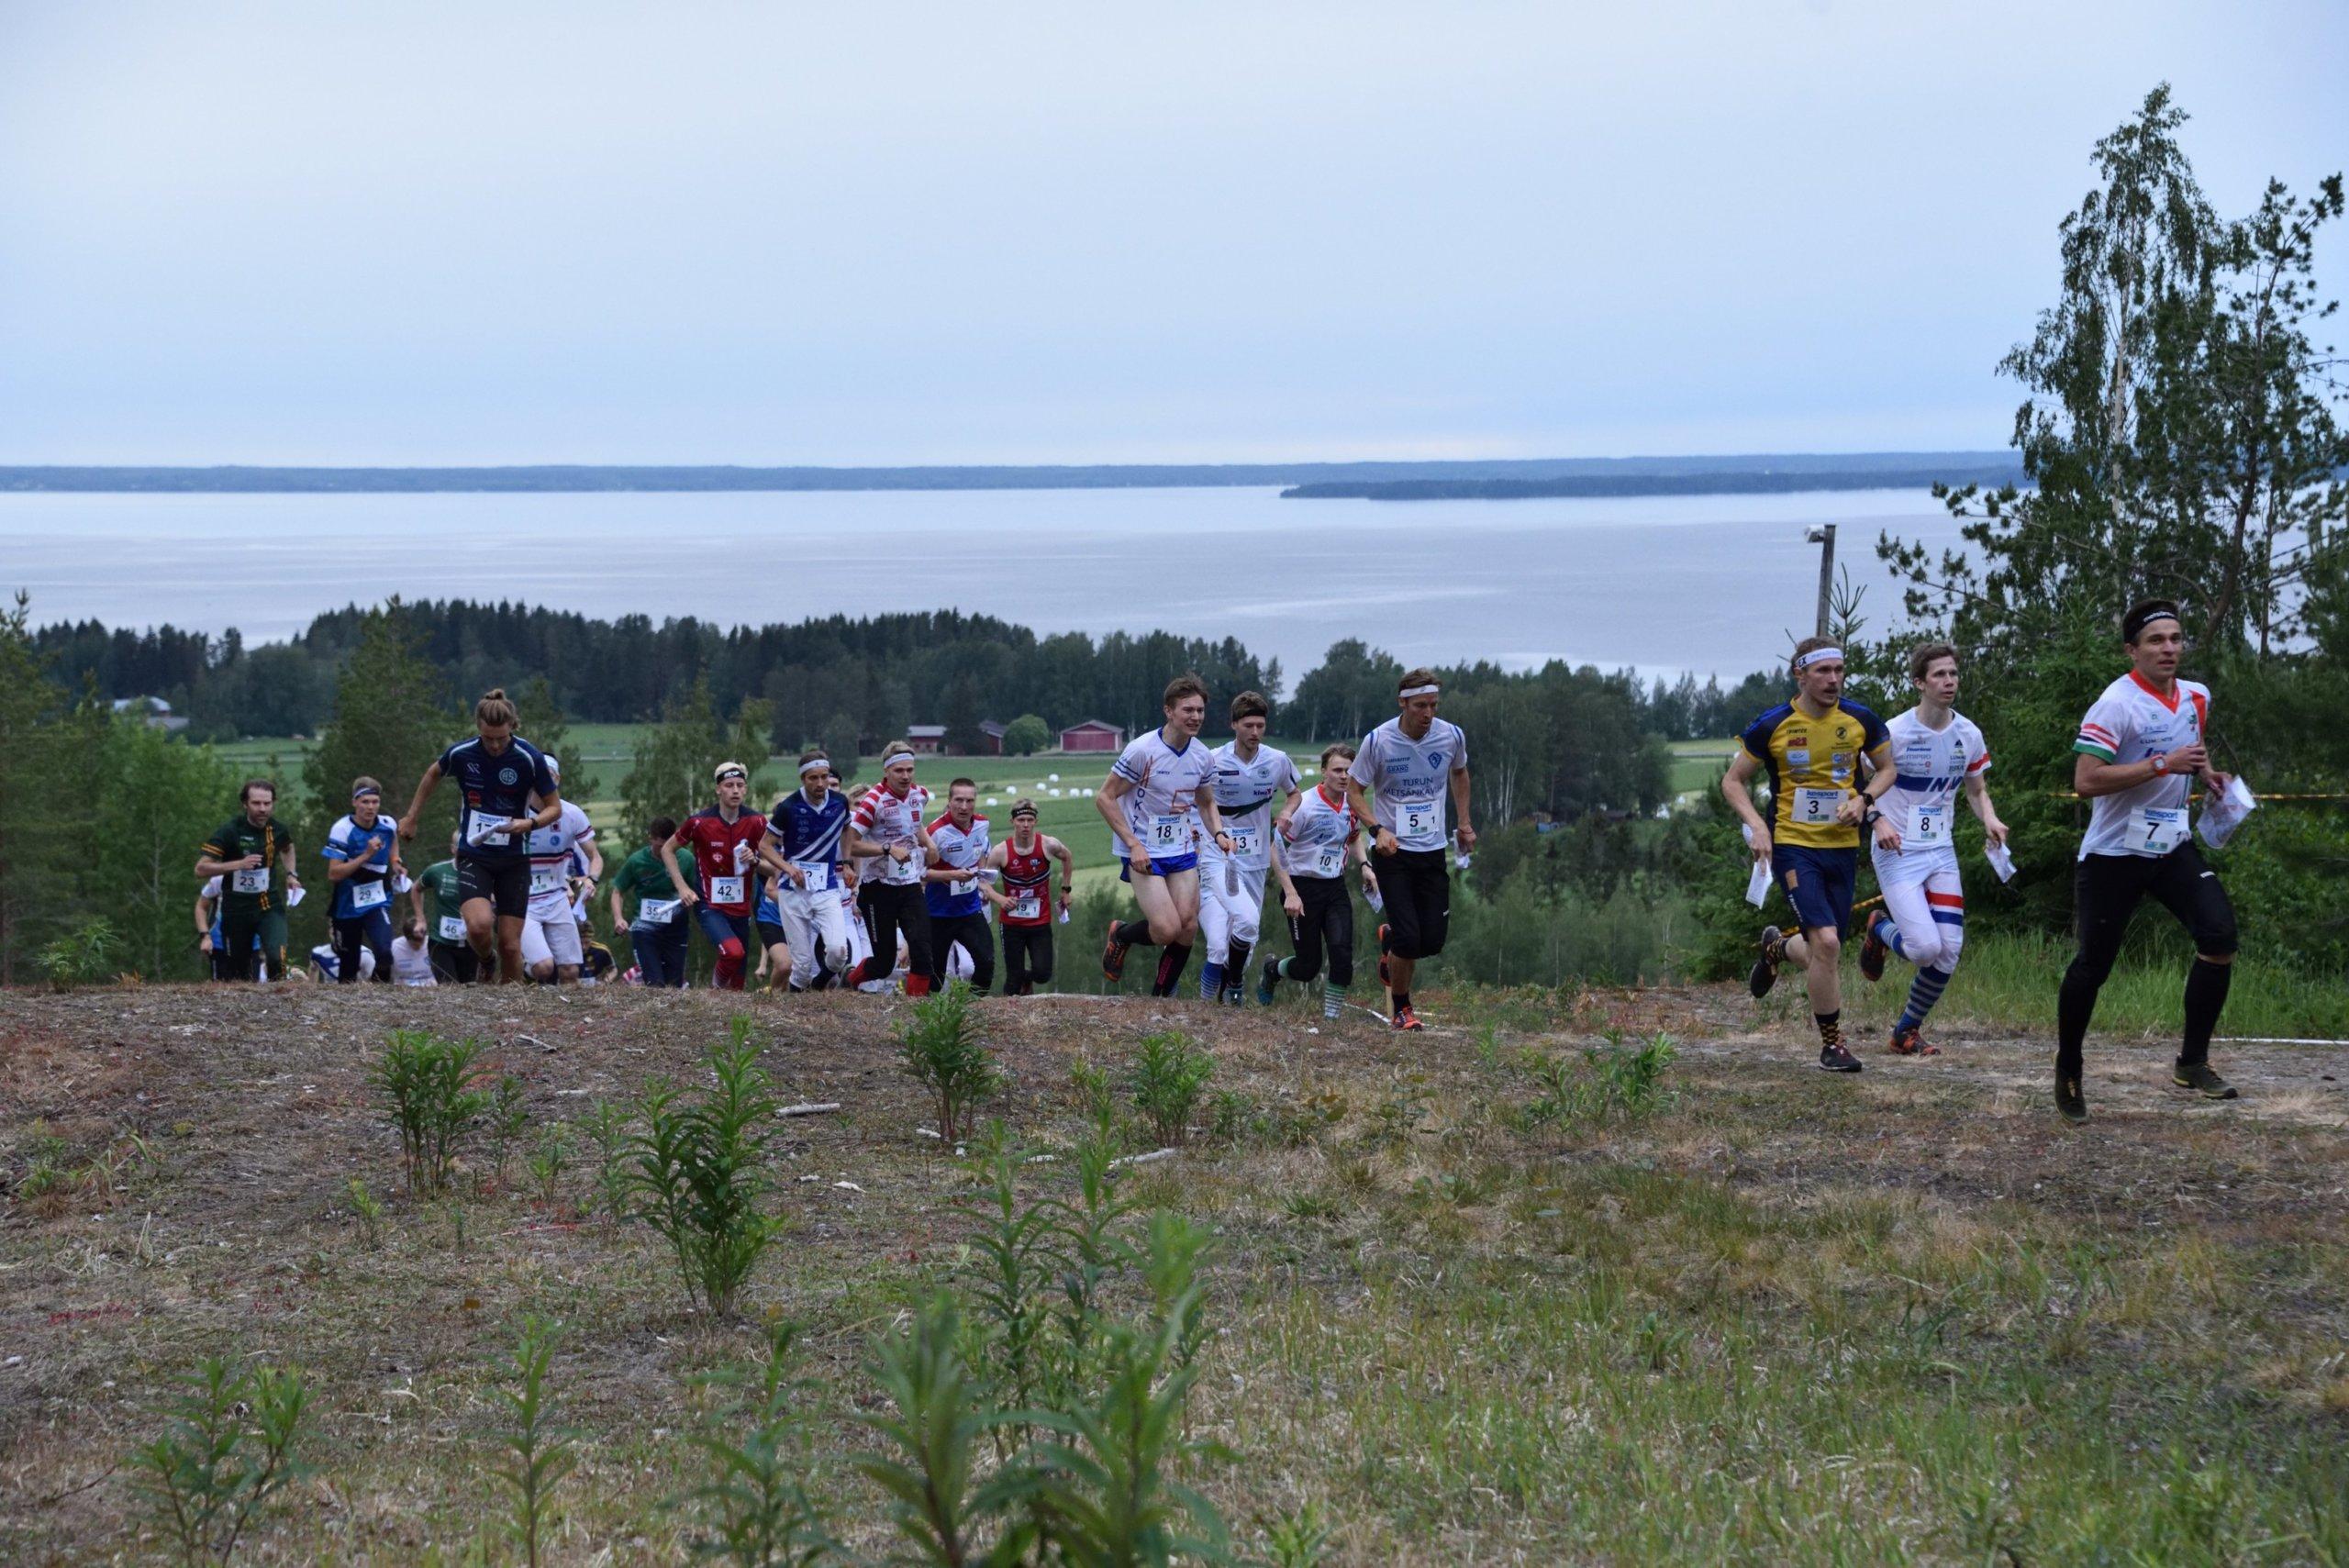 Lakeuden viesti oli monille joukkueille tärkeä kilpailu elokuulle siirrettyyn Jukolaan valmistautumisessa. Kuva: Teppo Salmia